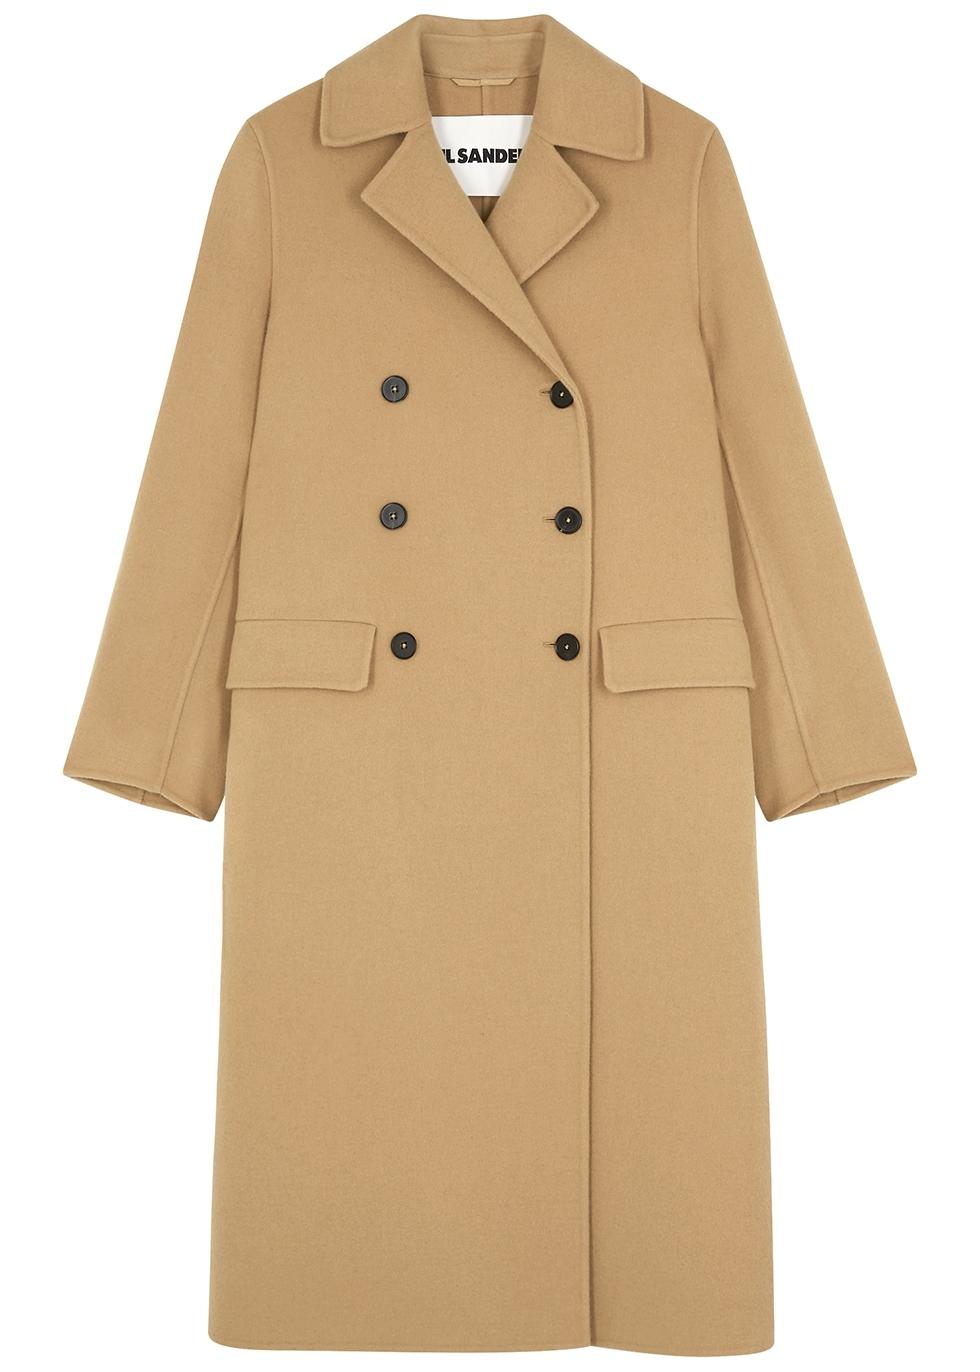 9c1fa6dad Designer Coats - Women's Winter Coats - Harvey Nichols